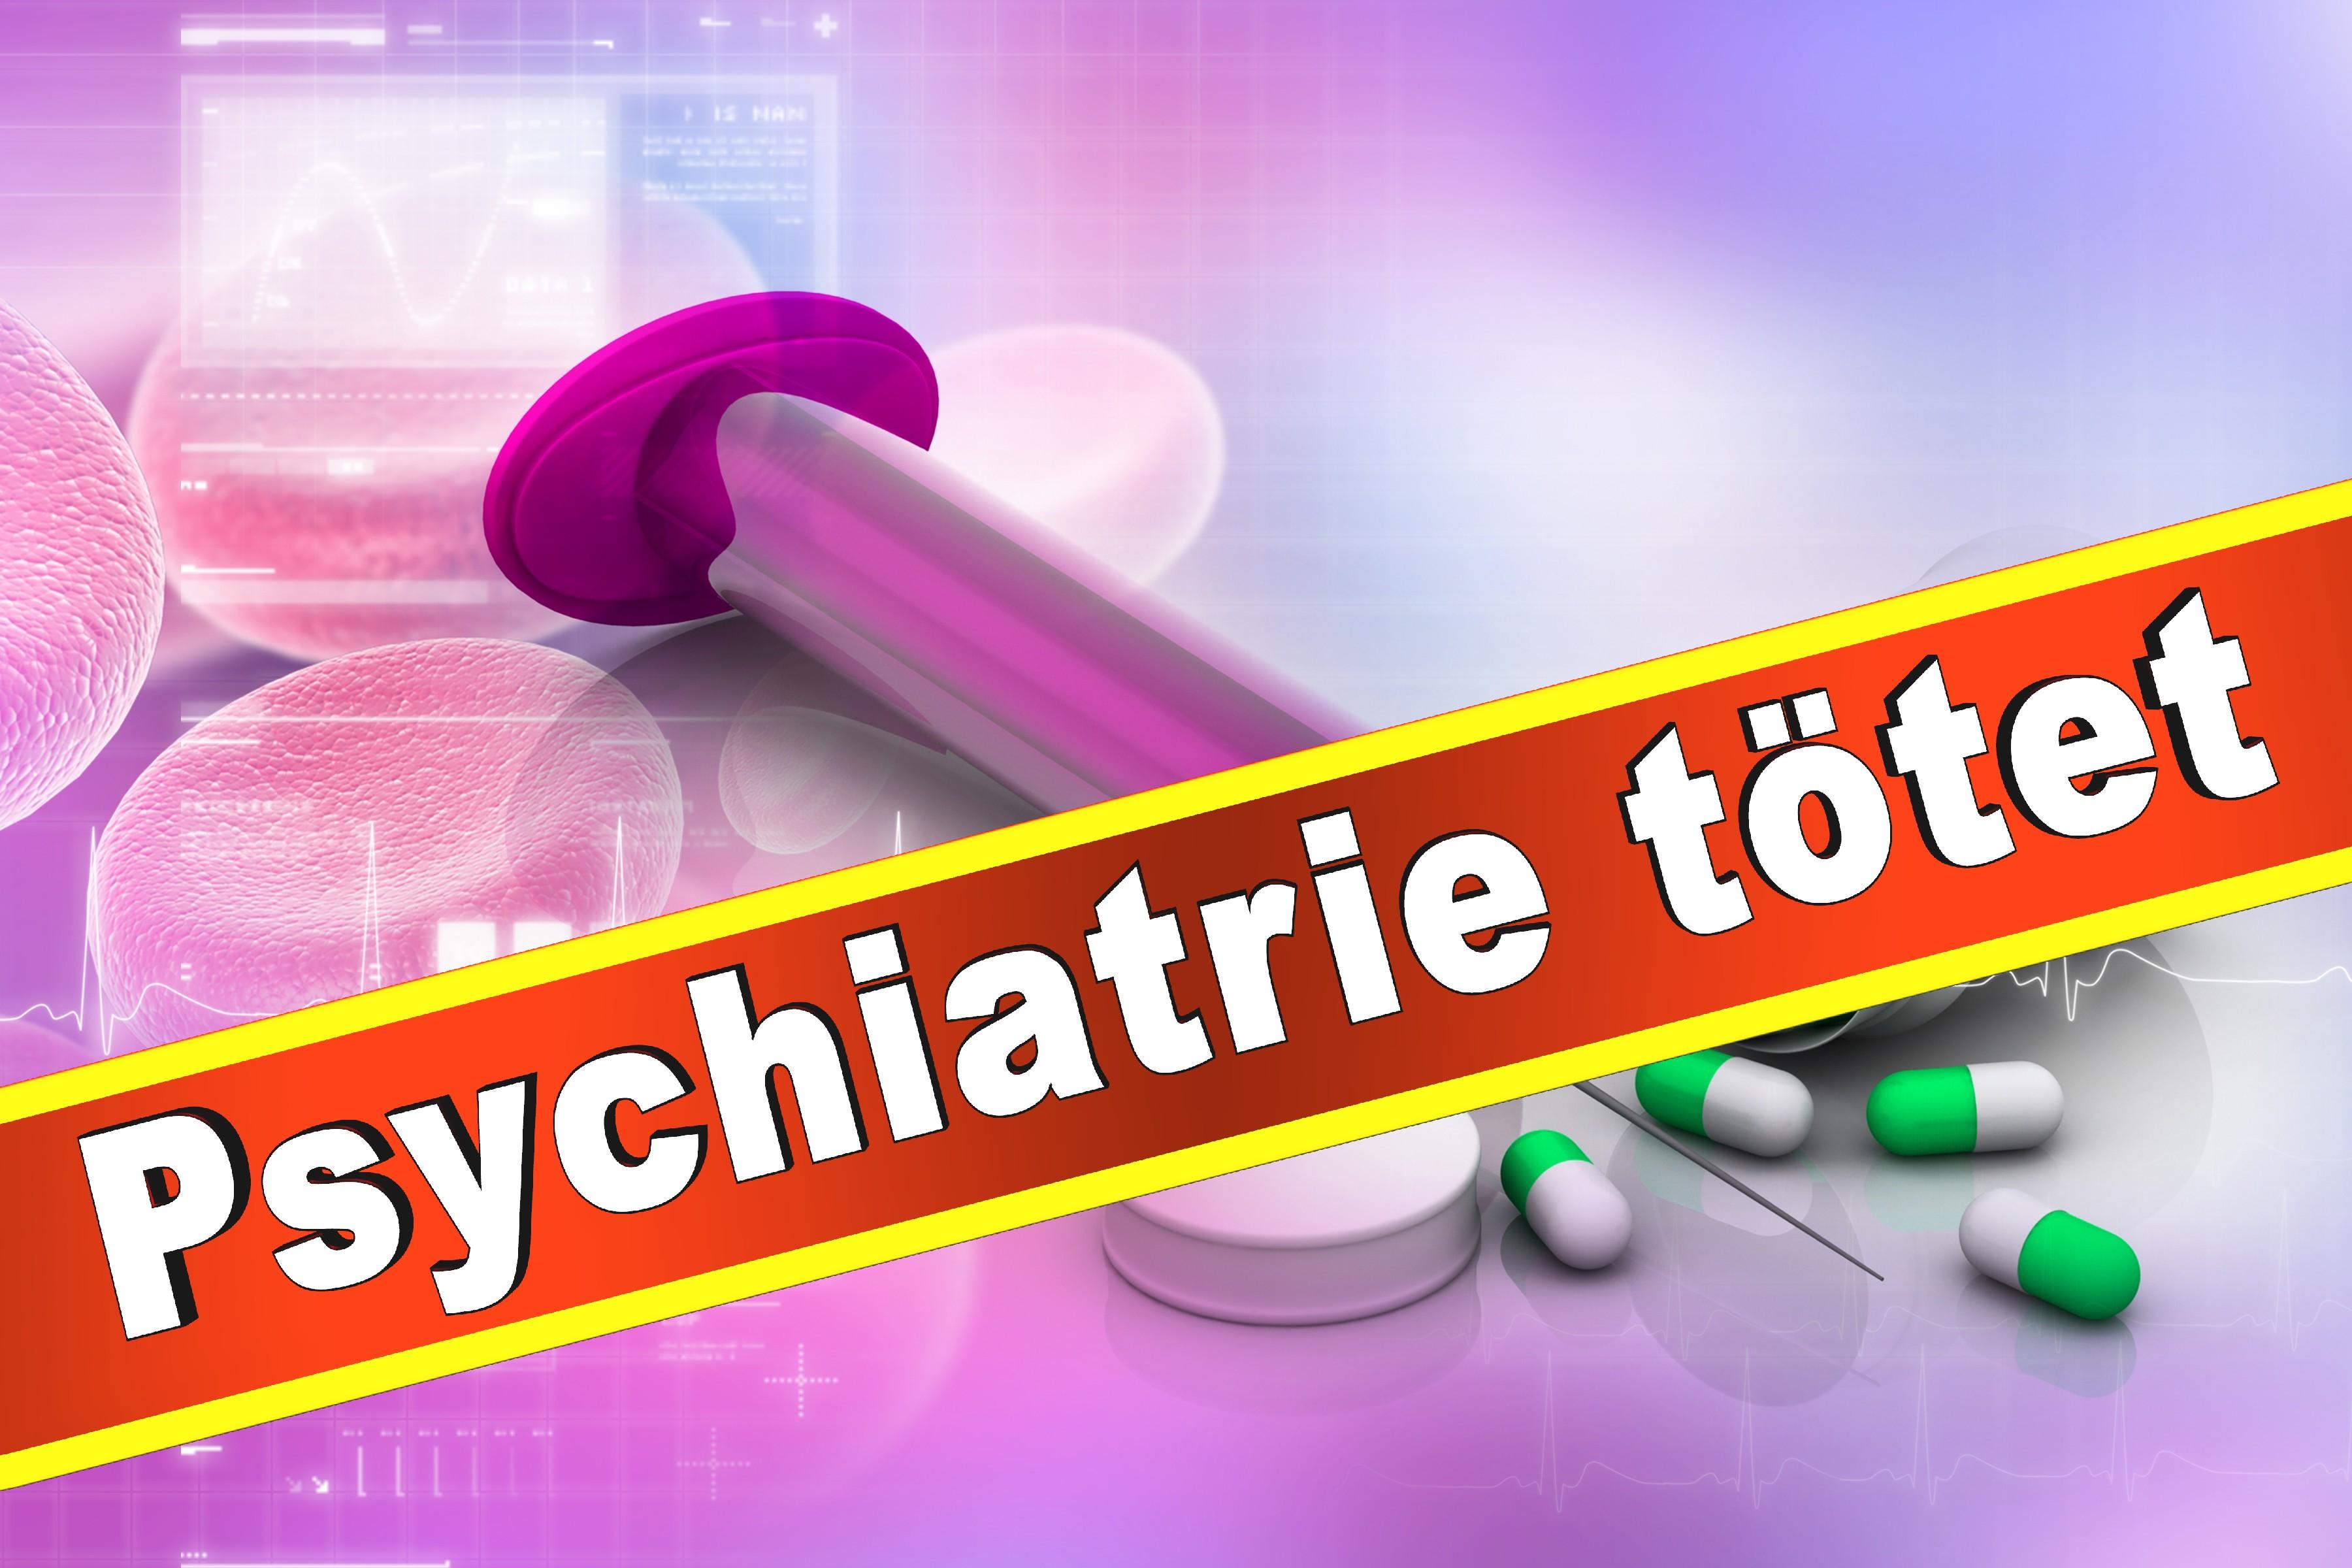 Wielant Machleidt Psychiater Psychotherapeut Professor Praxis Der Interkulturellen Psychiatrie Und Psychotherapie Medizinische Hochschule Hannover Klinik Für Psychiatrie Sozialpsychiatrie (18)